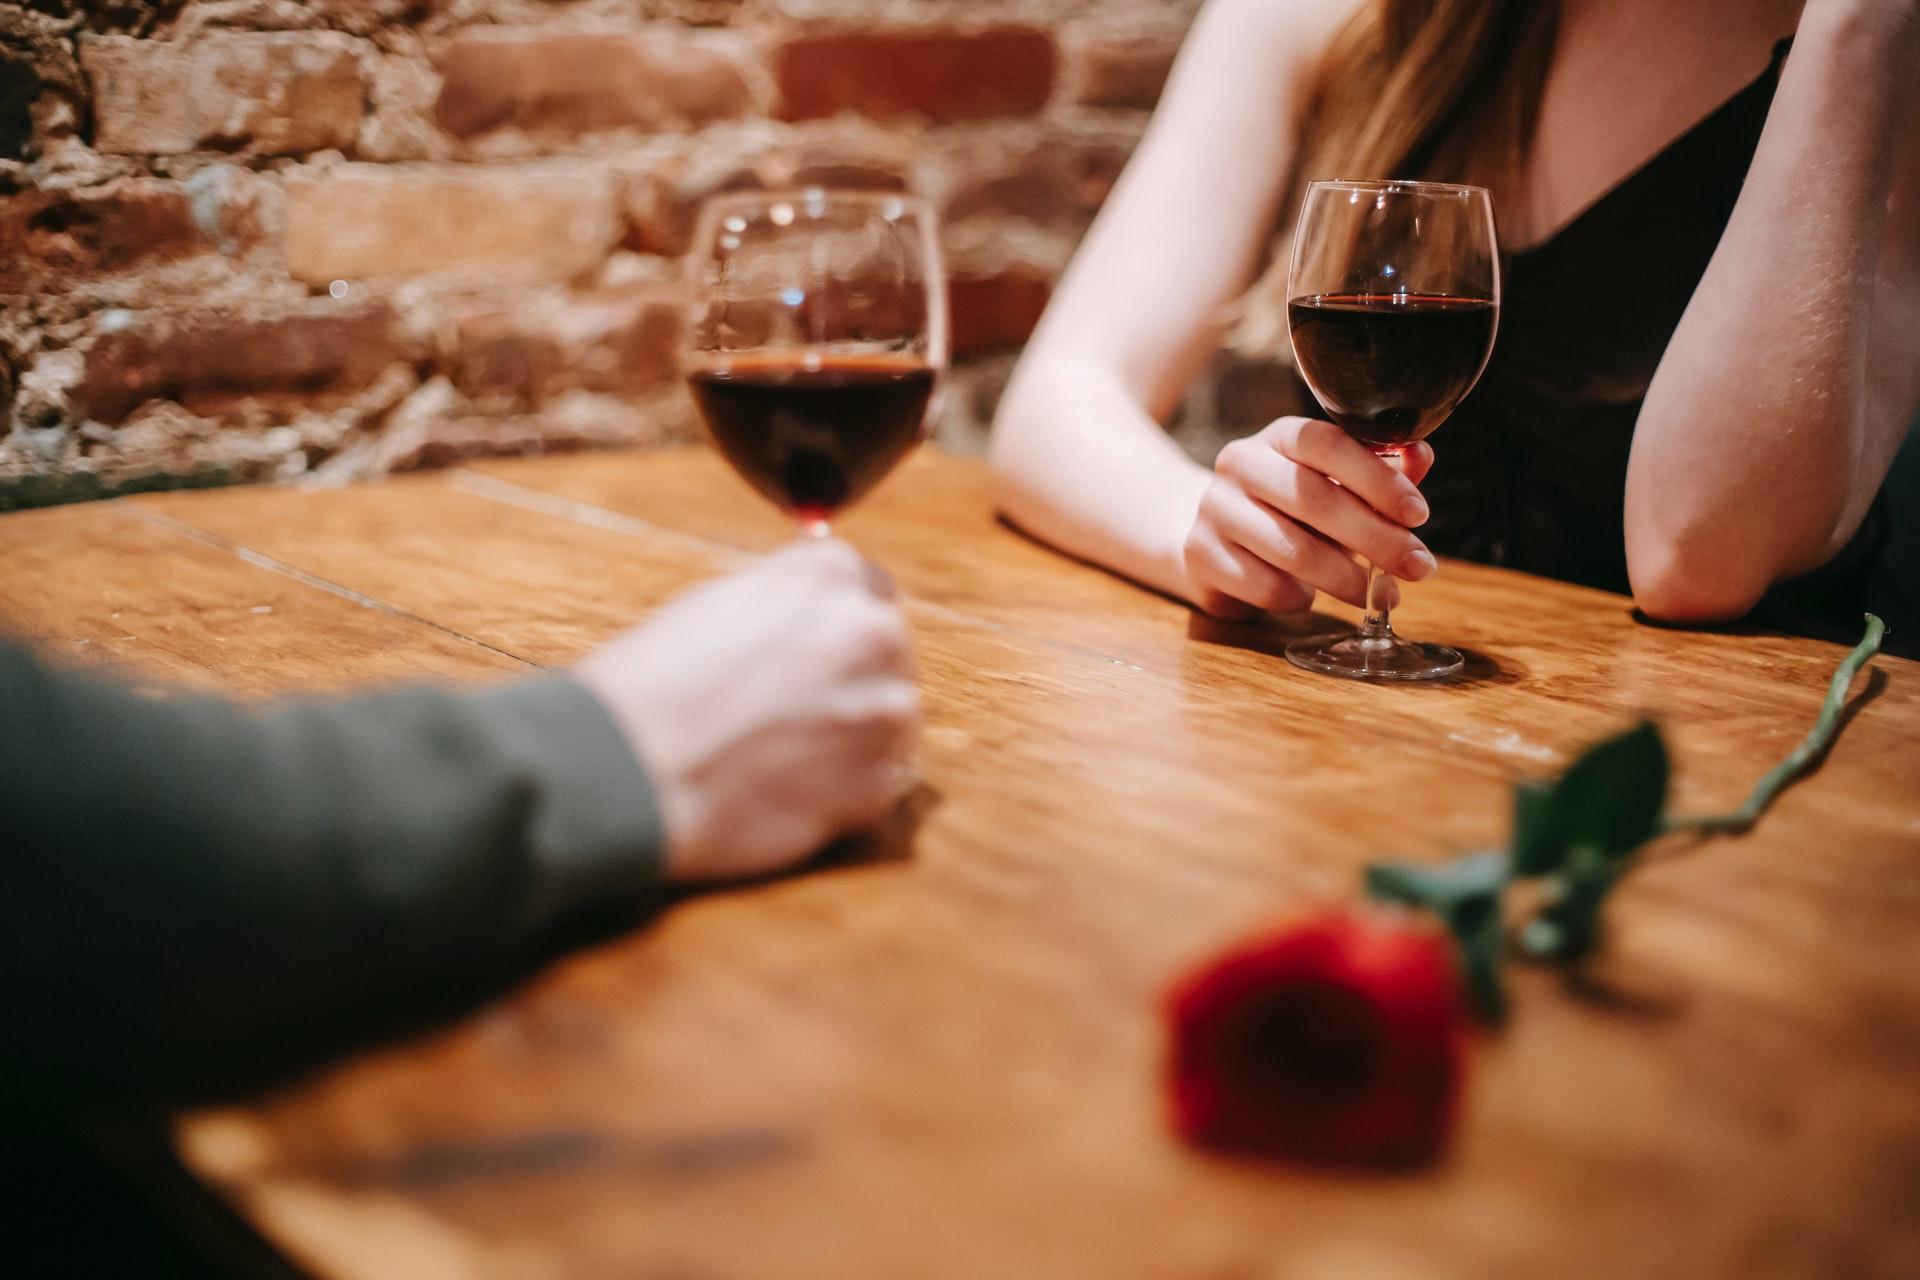 Η αγάπη δεν έχει ημερομηνία λήξεως, είναι σαν το κρασί, όσο περνάει ο καιρός γίνεται καλύτερο ή ξινίζει